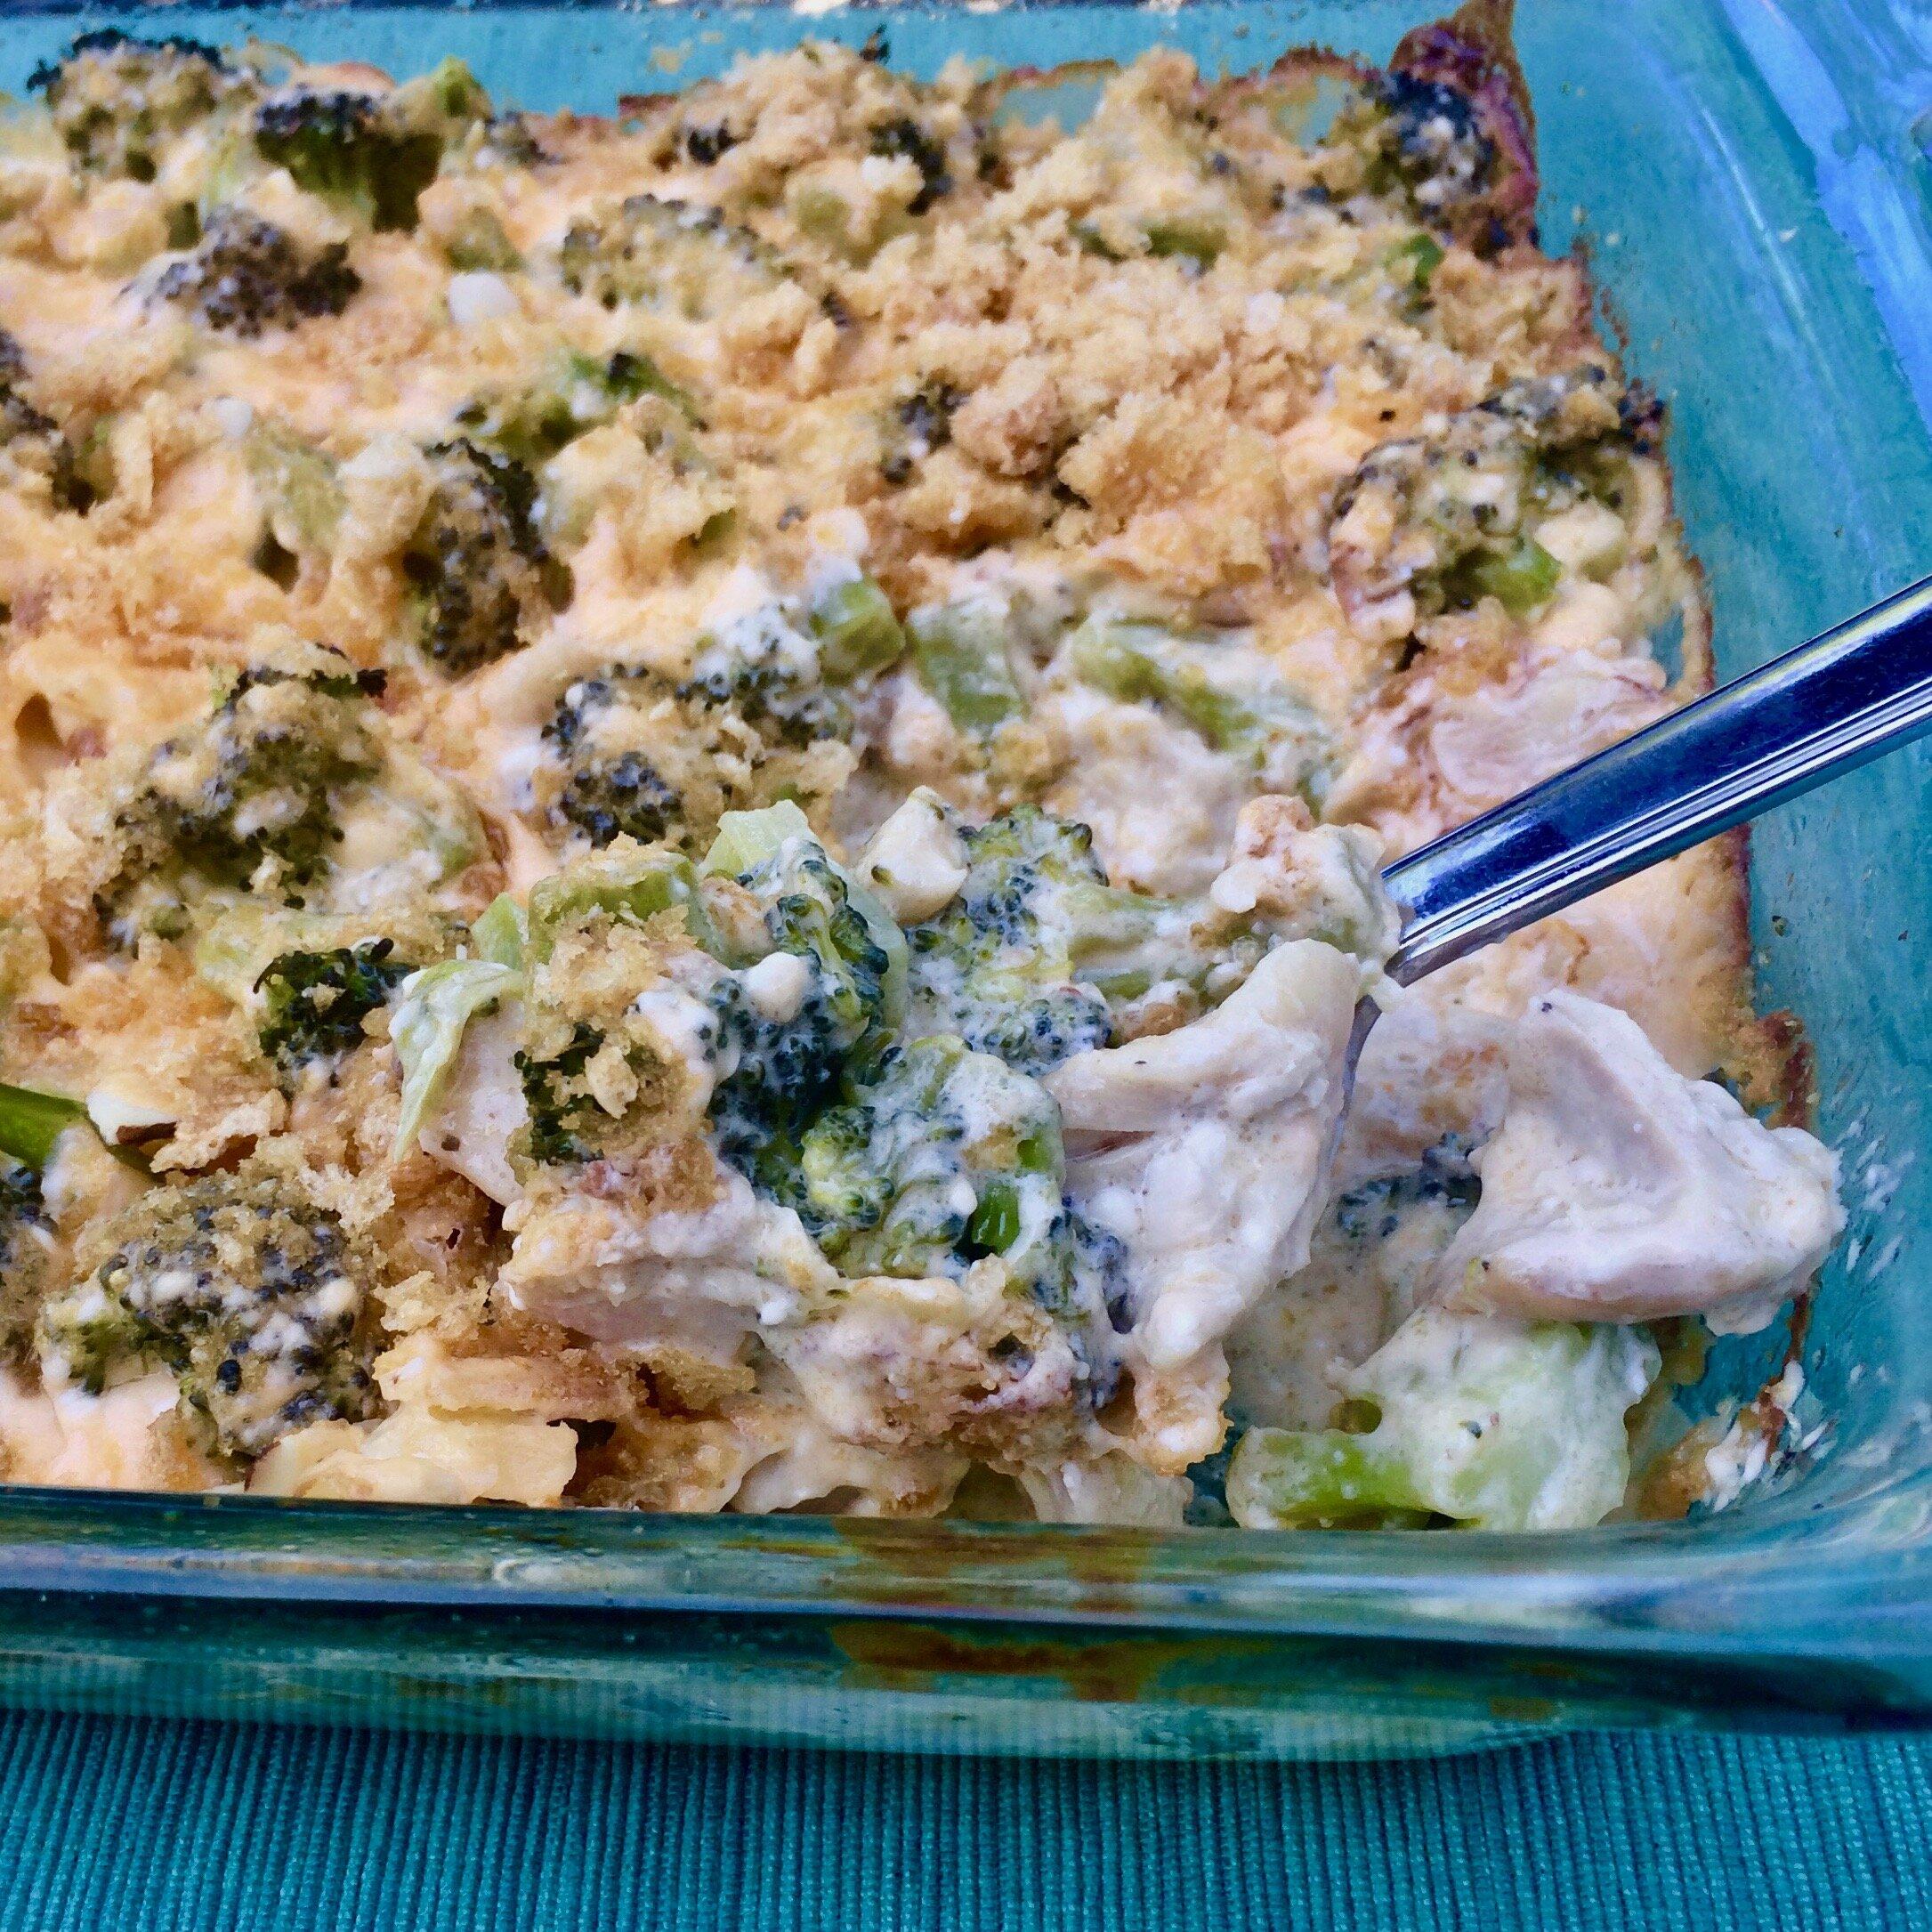 keto chicken and broccoli casserole recipe